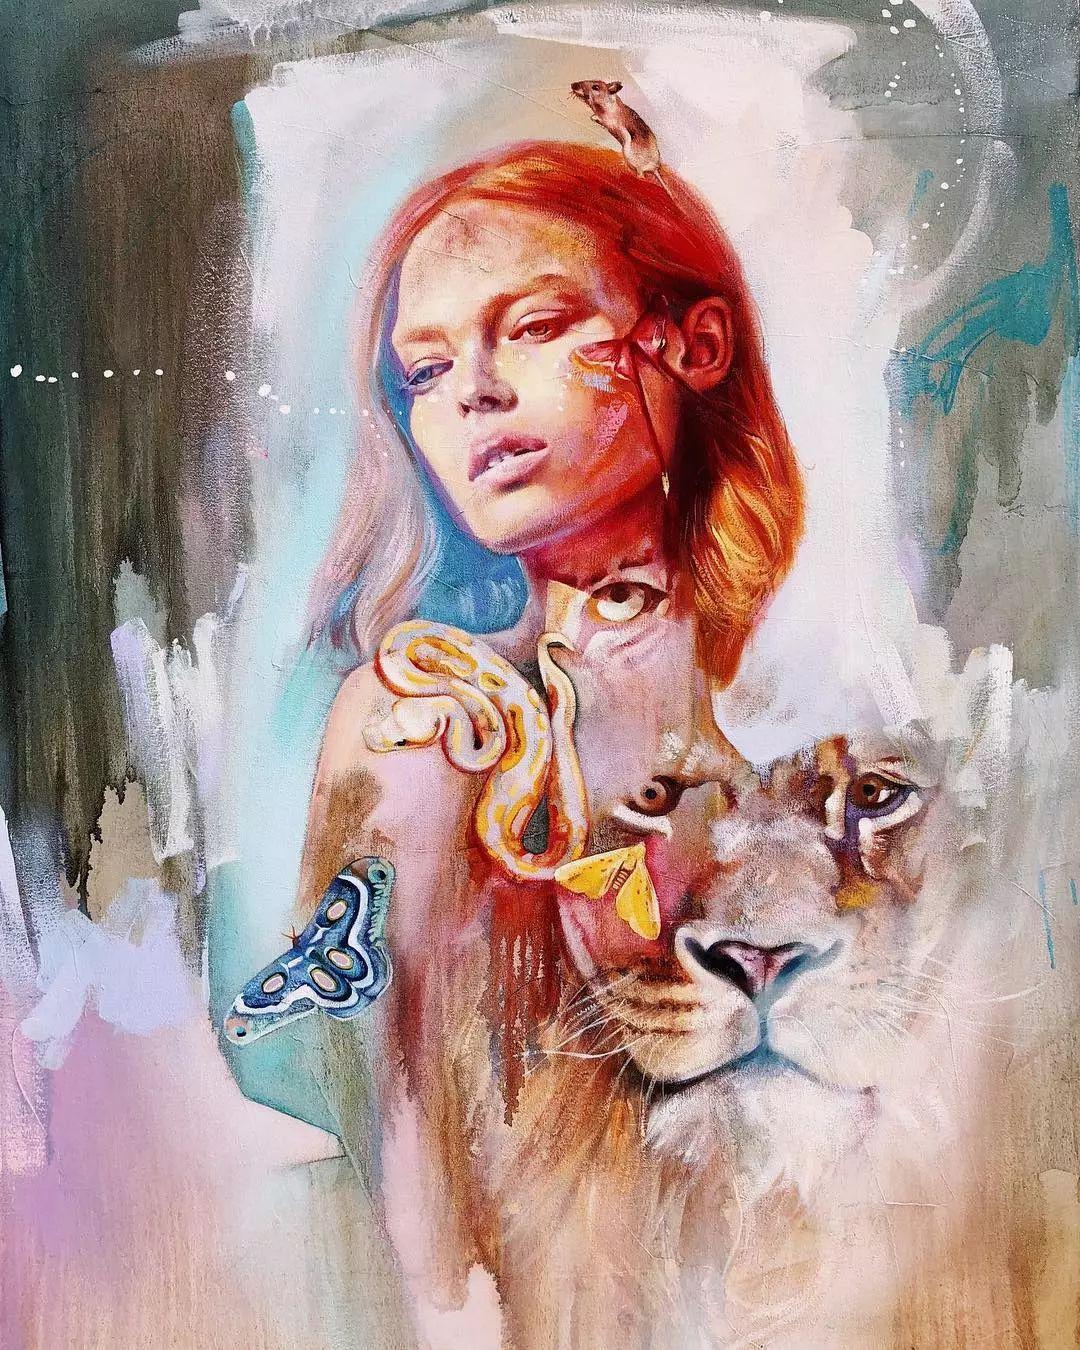 她没上过美院,画作却被世界各地的收藏家争相收藏,16岁卖画赚100万插图32